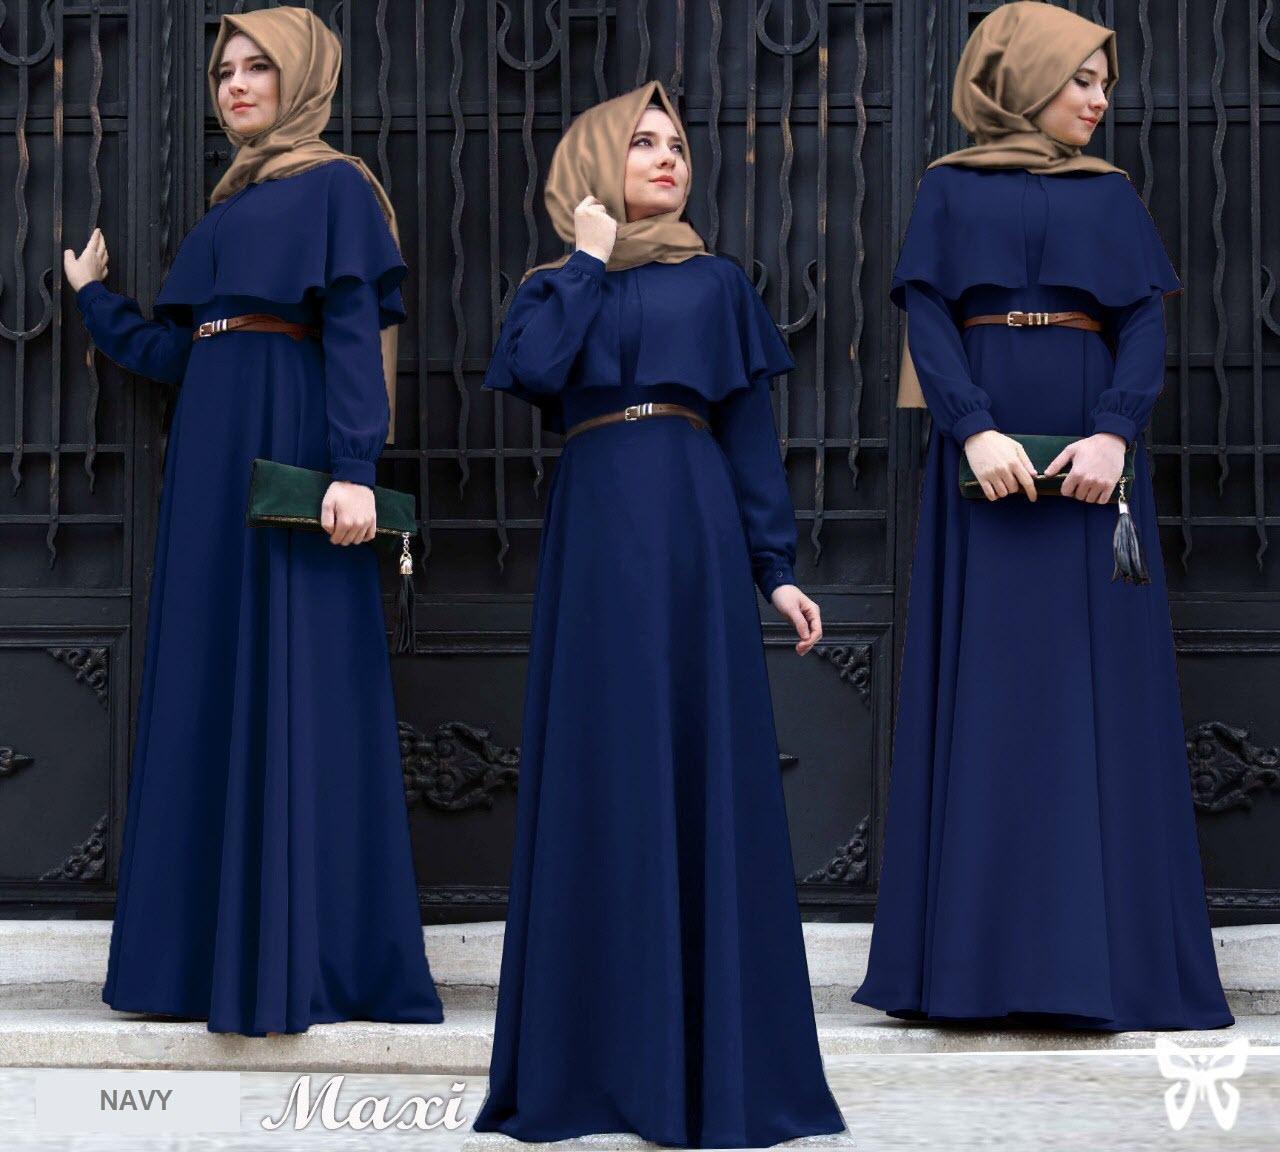 593df83ce6a44aebecff7c9c816ed1d3 Inilah Daftar Harga Contoh Dress Pesta Muslim Paling Baru minggu ini